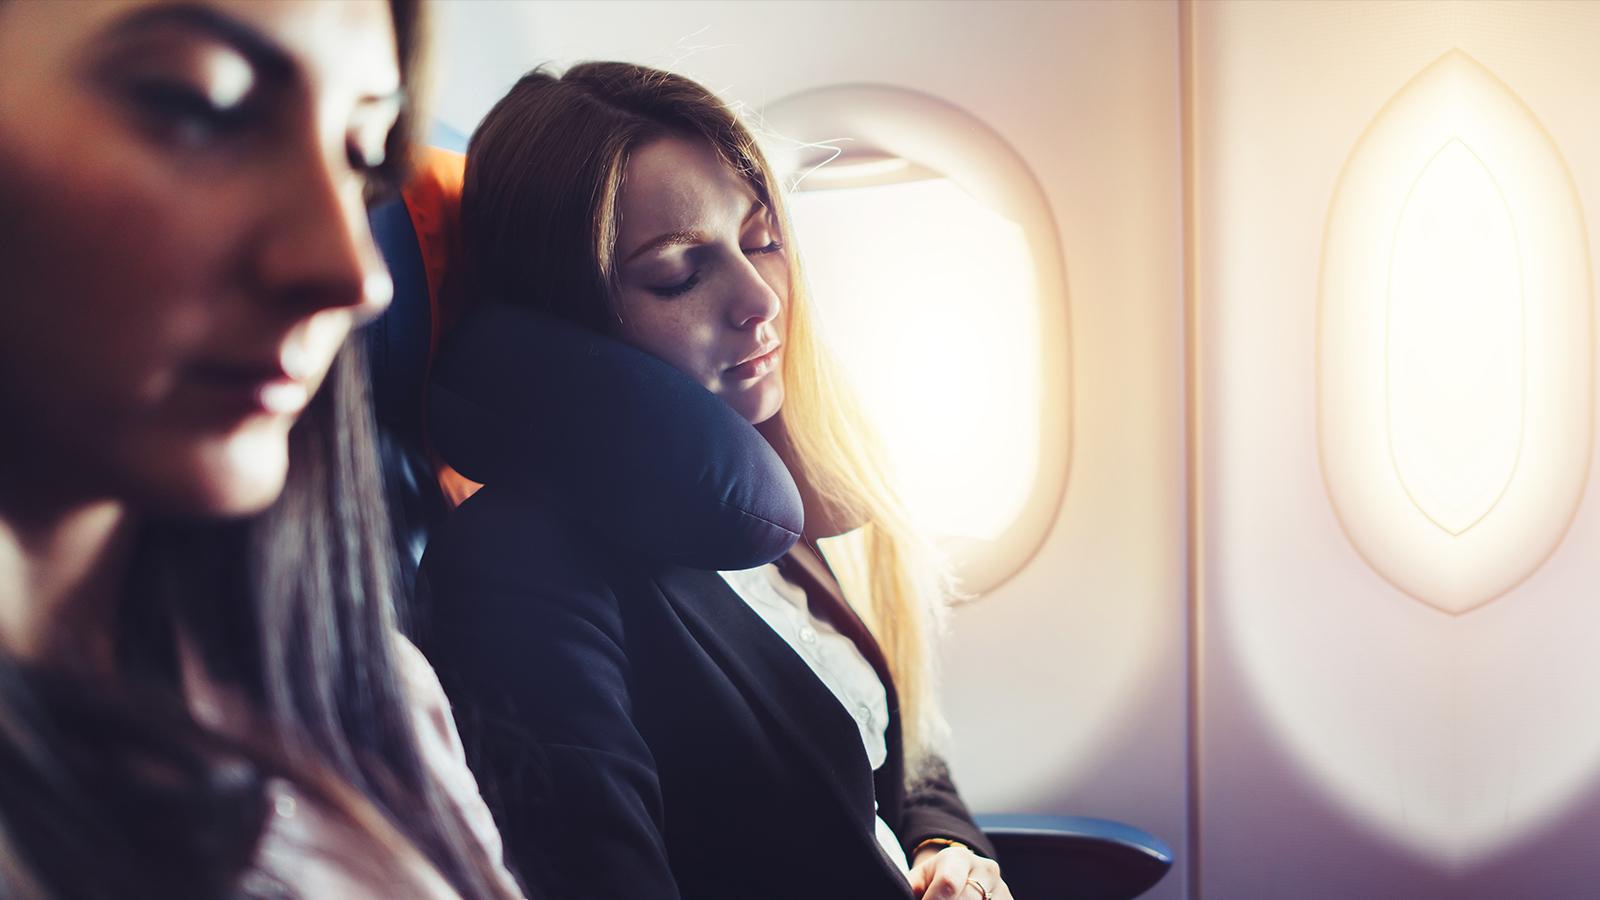 Tipps, um im Flugzeug besser zu schlafen